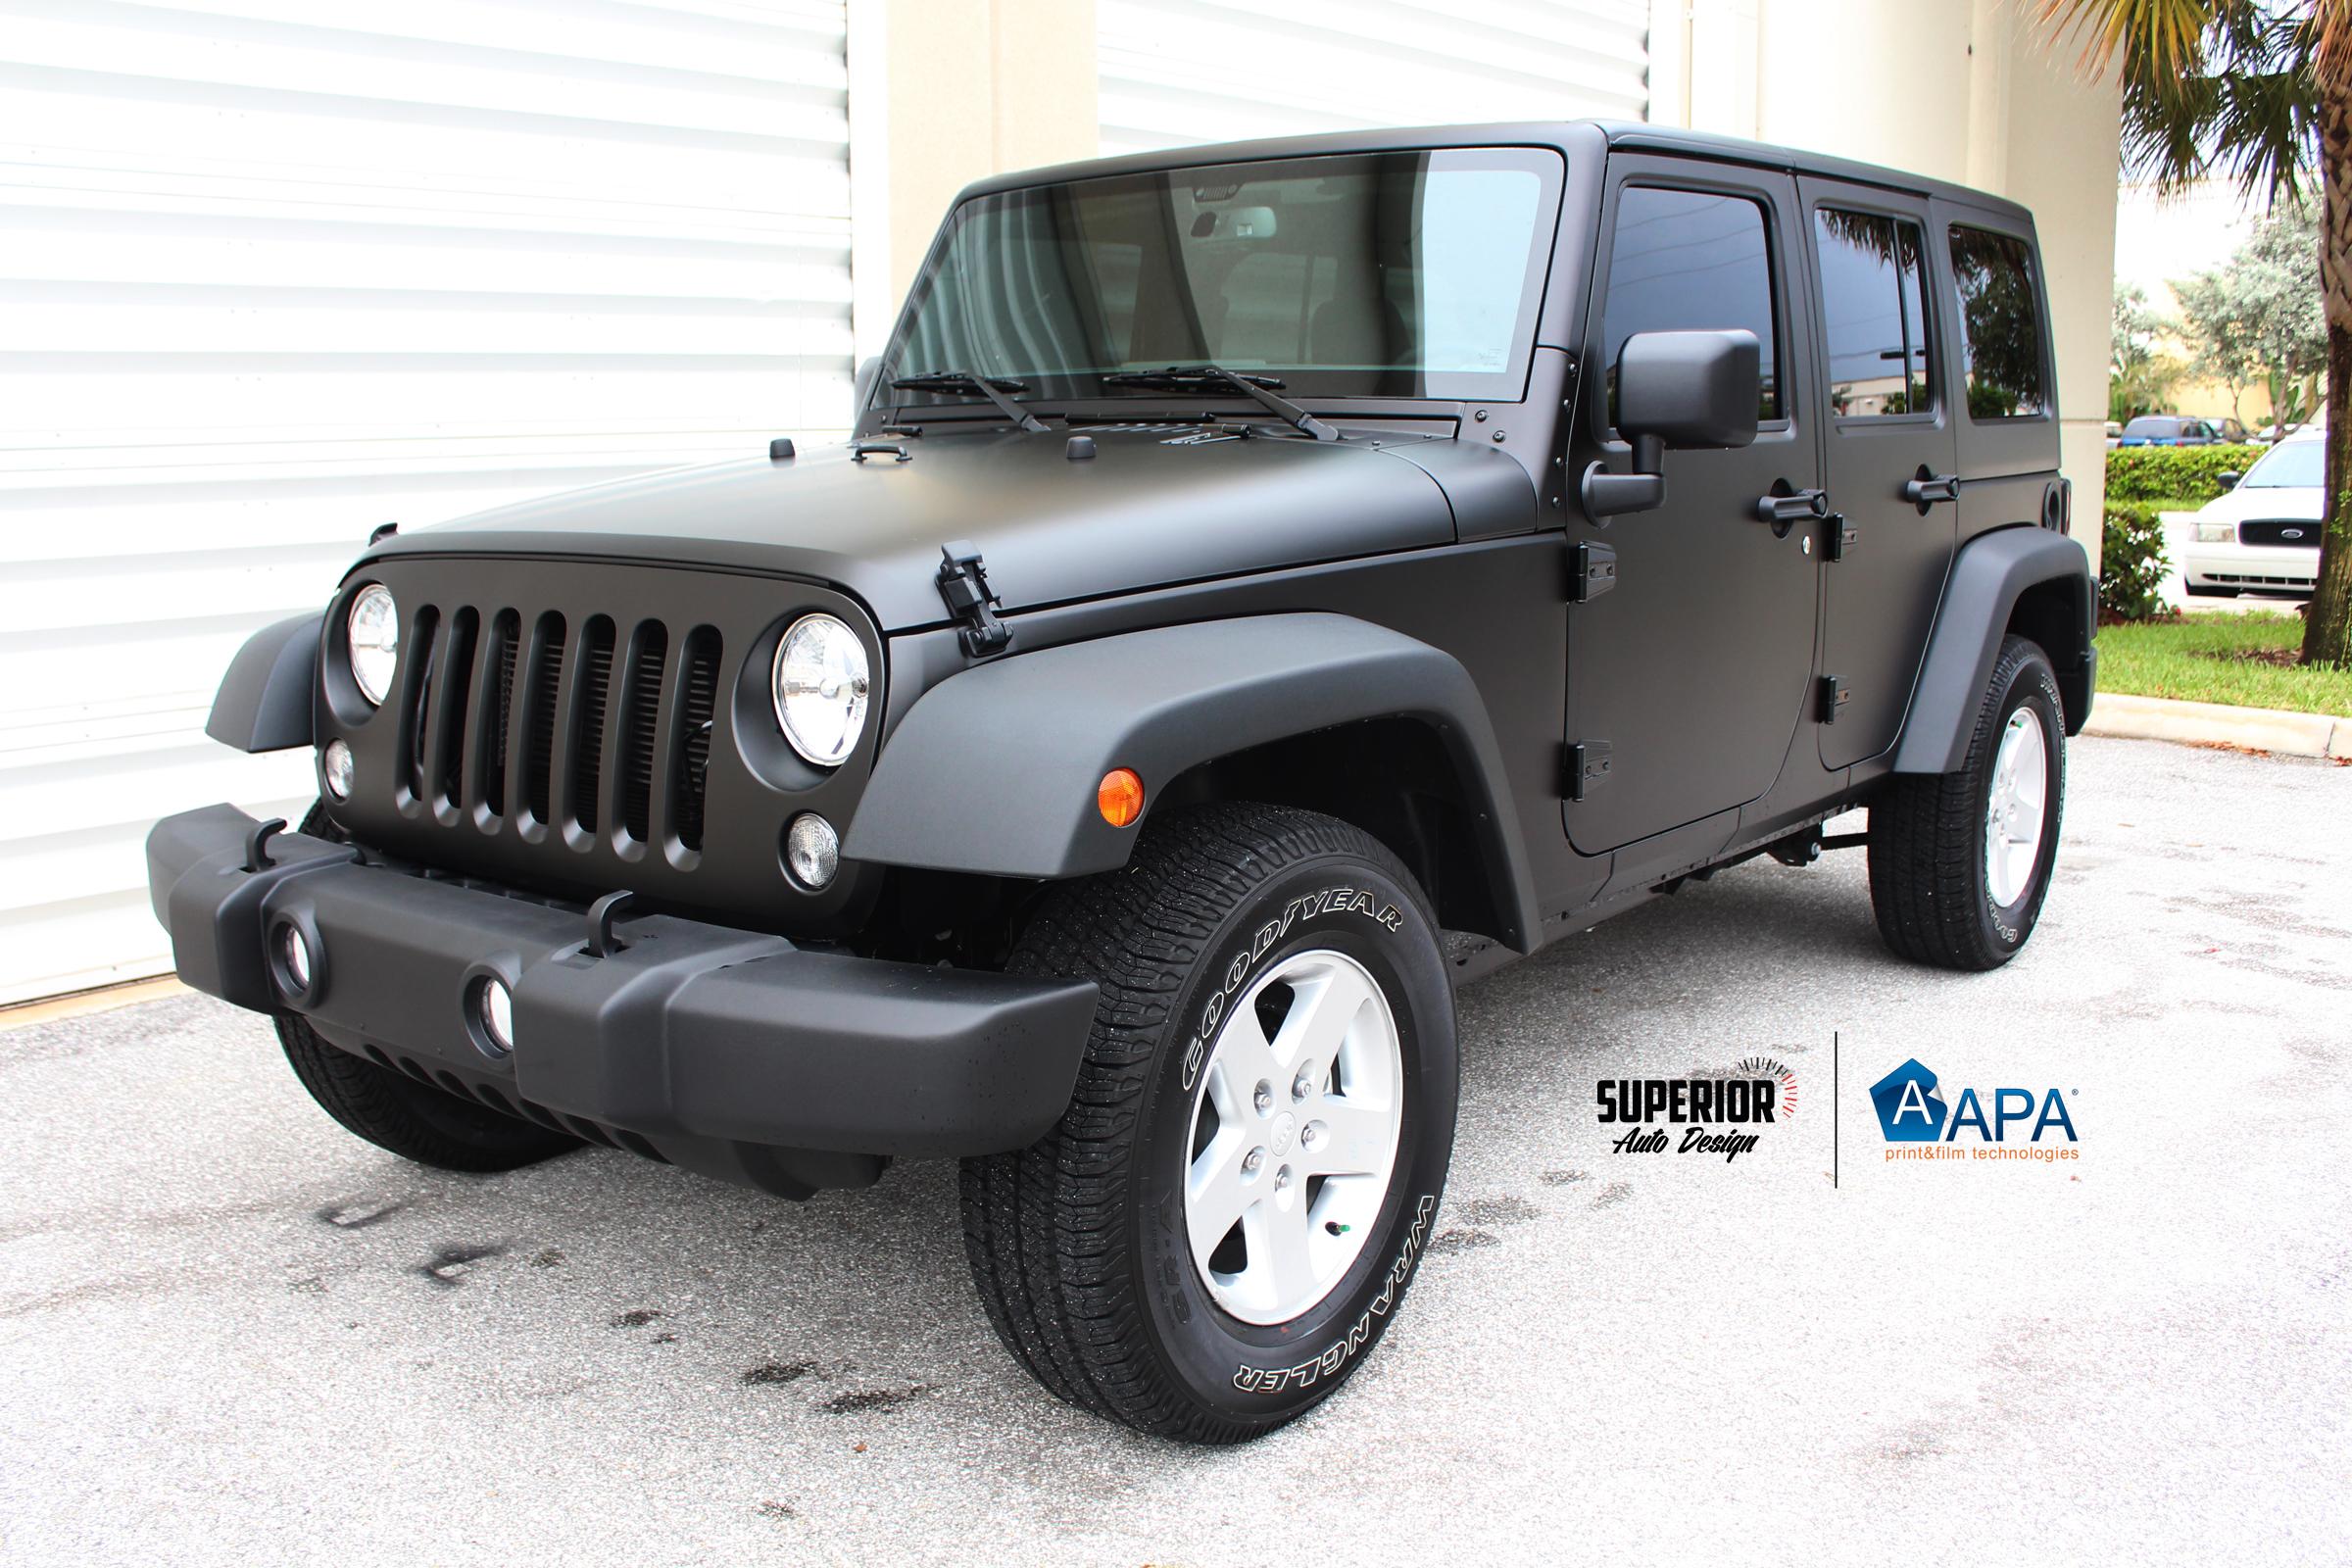 matte-wrap-jeep-apa-superior-auto-design-2